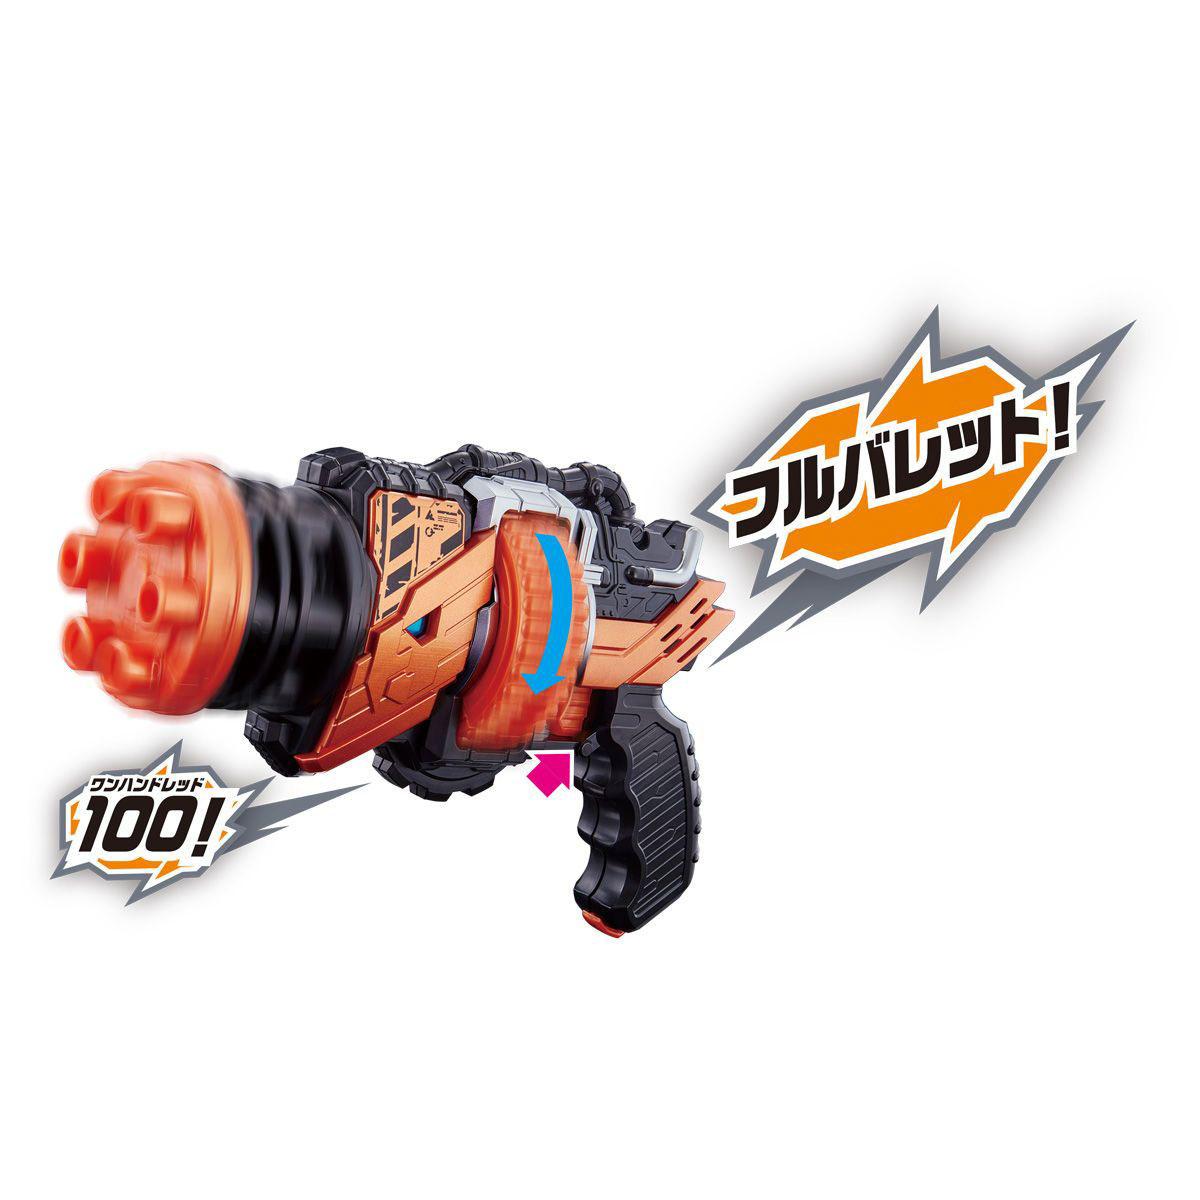 仮面ライダービルド 百発連射 DXホークガトリンガー-005